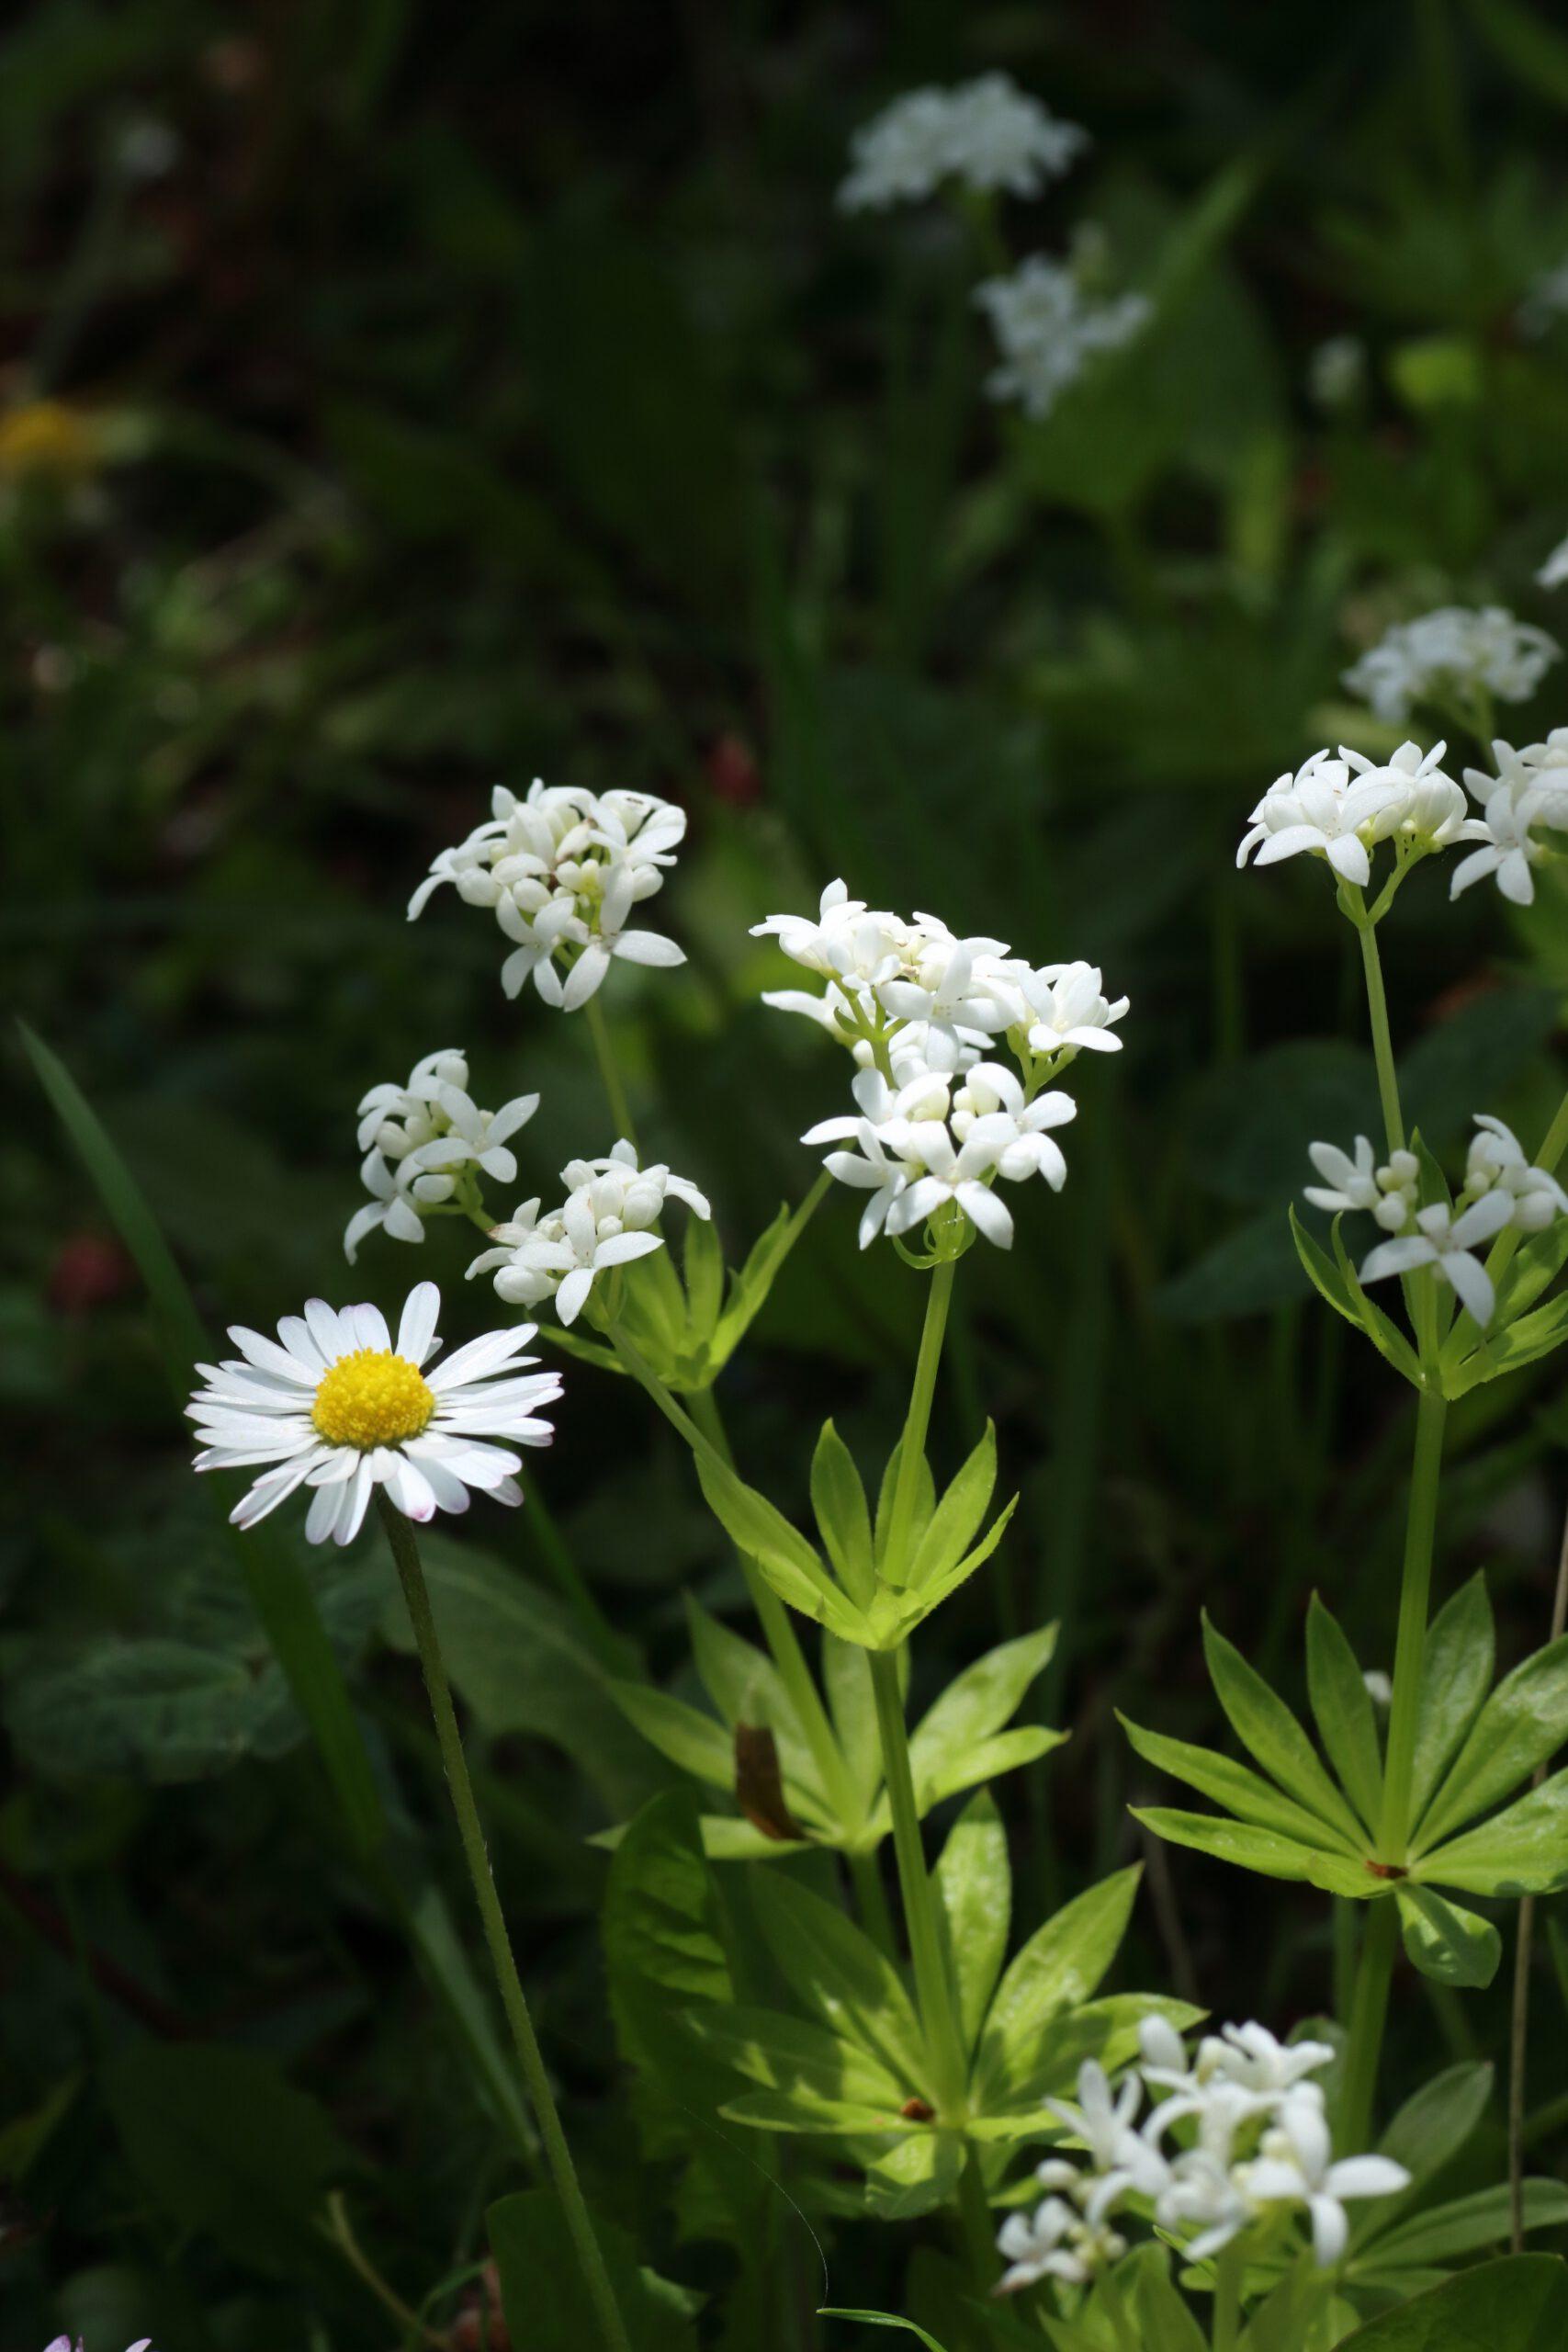 Waldmeister - Blütenstand im Detail